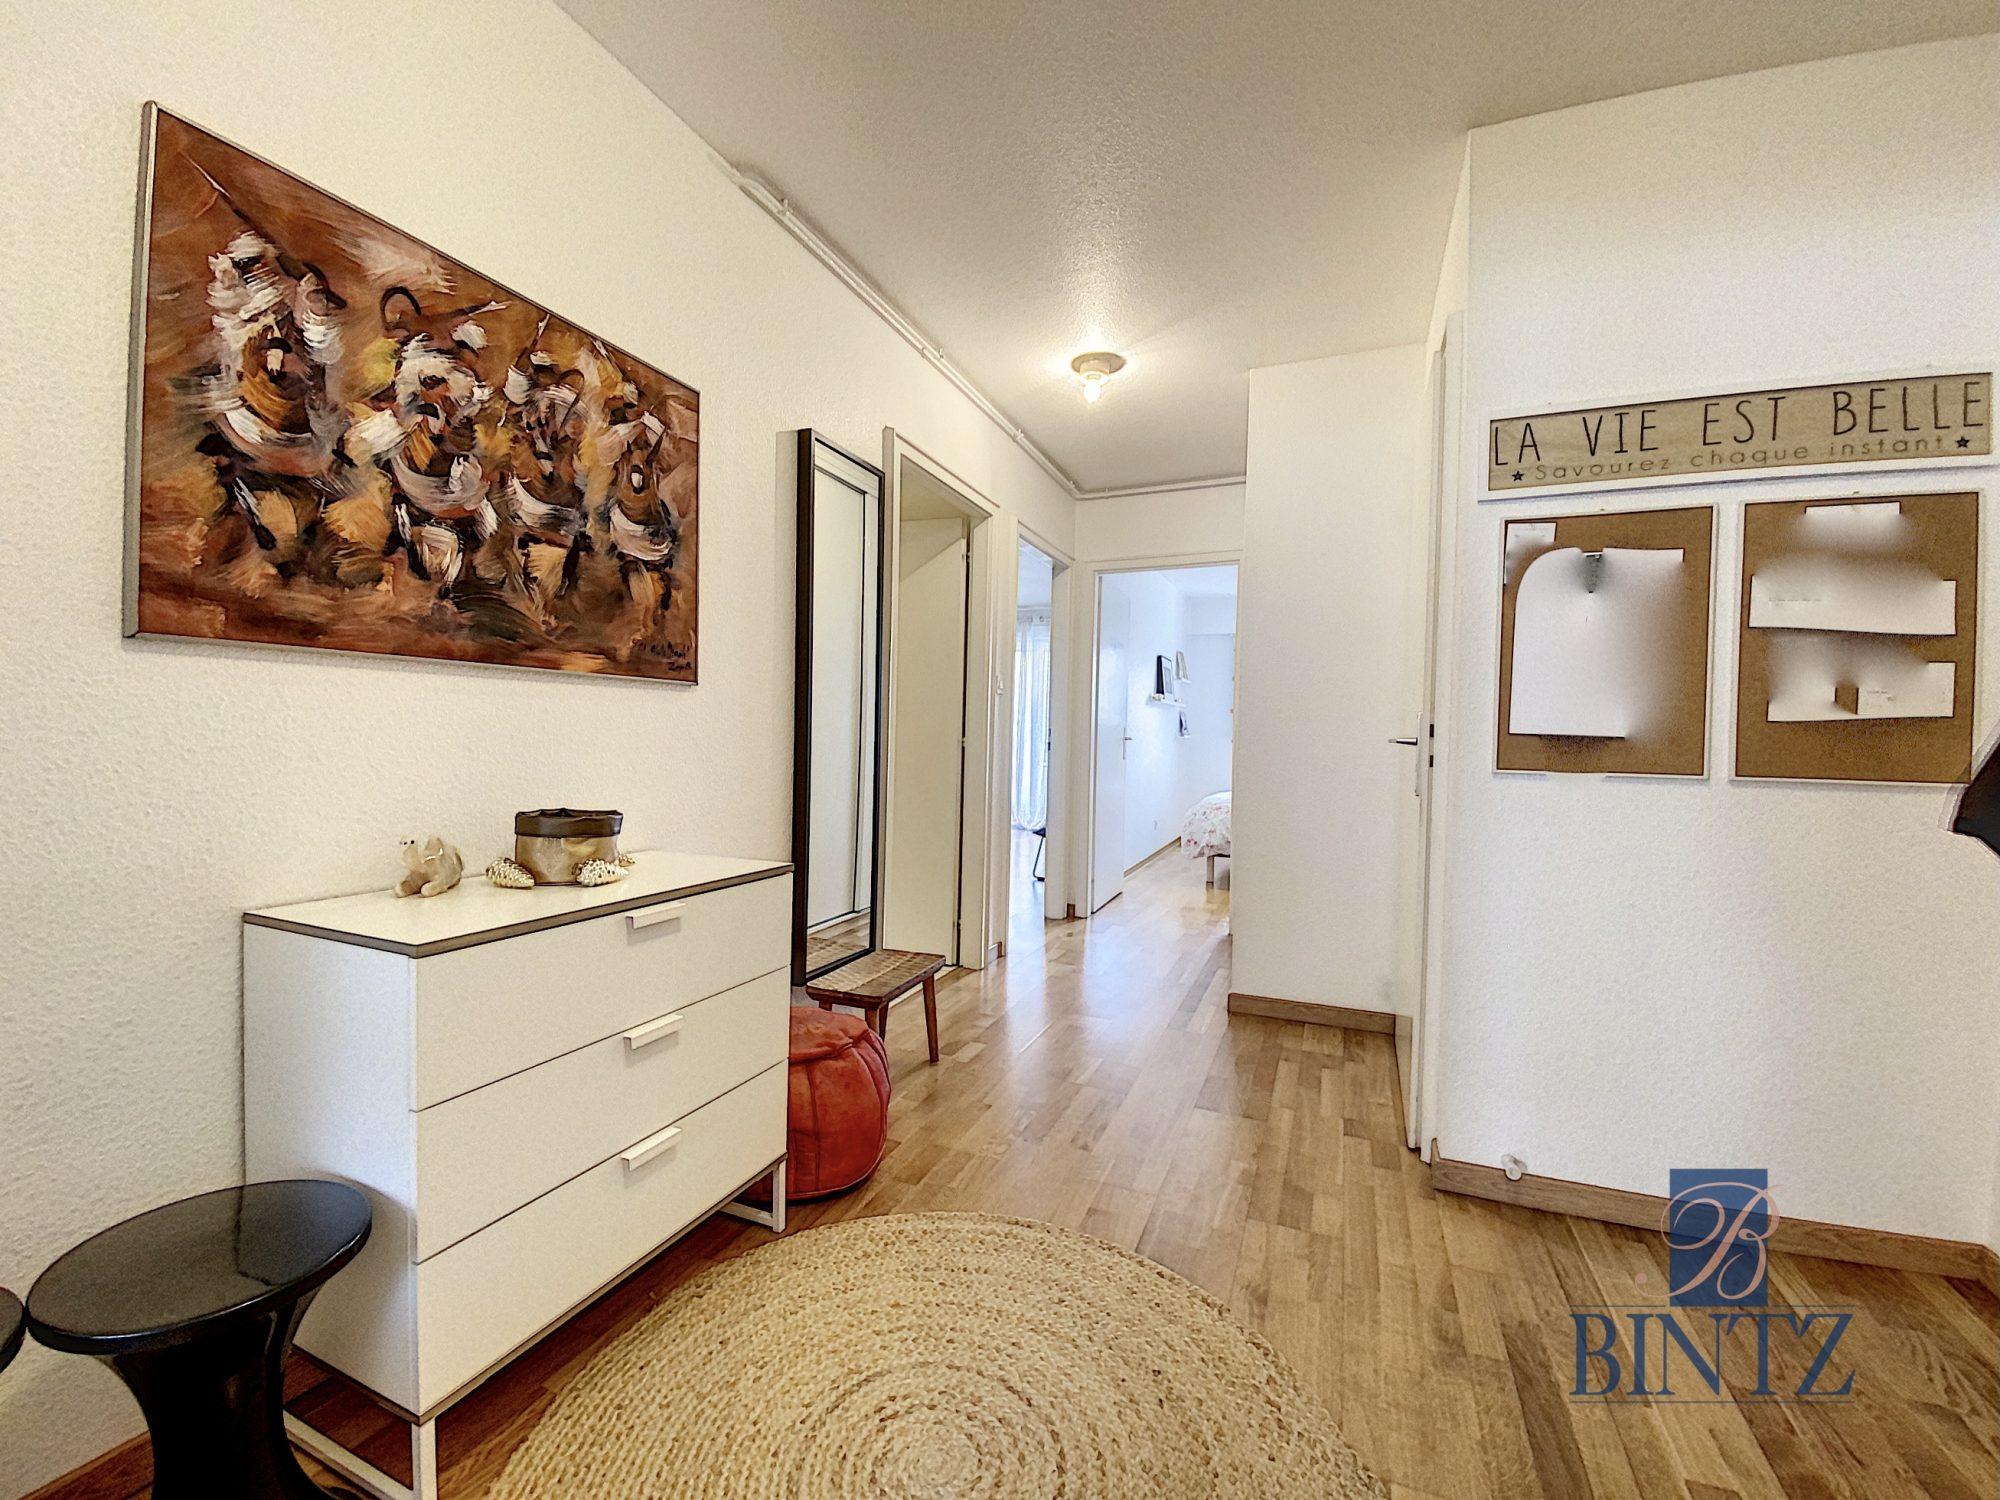 3 PIÈCES NEUSTADT AVEC GARAGE - Devenez locataire en toute sérénité - Bintz Immobilier - 17